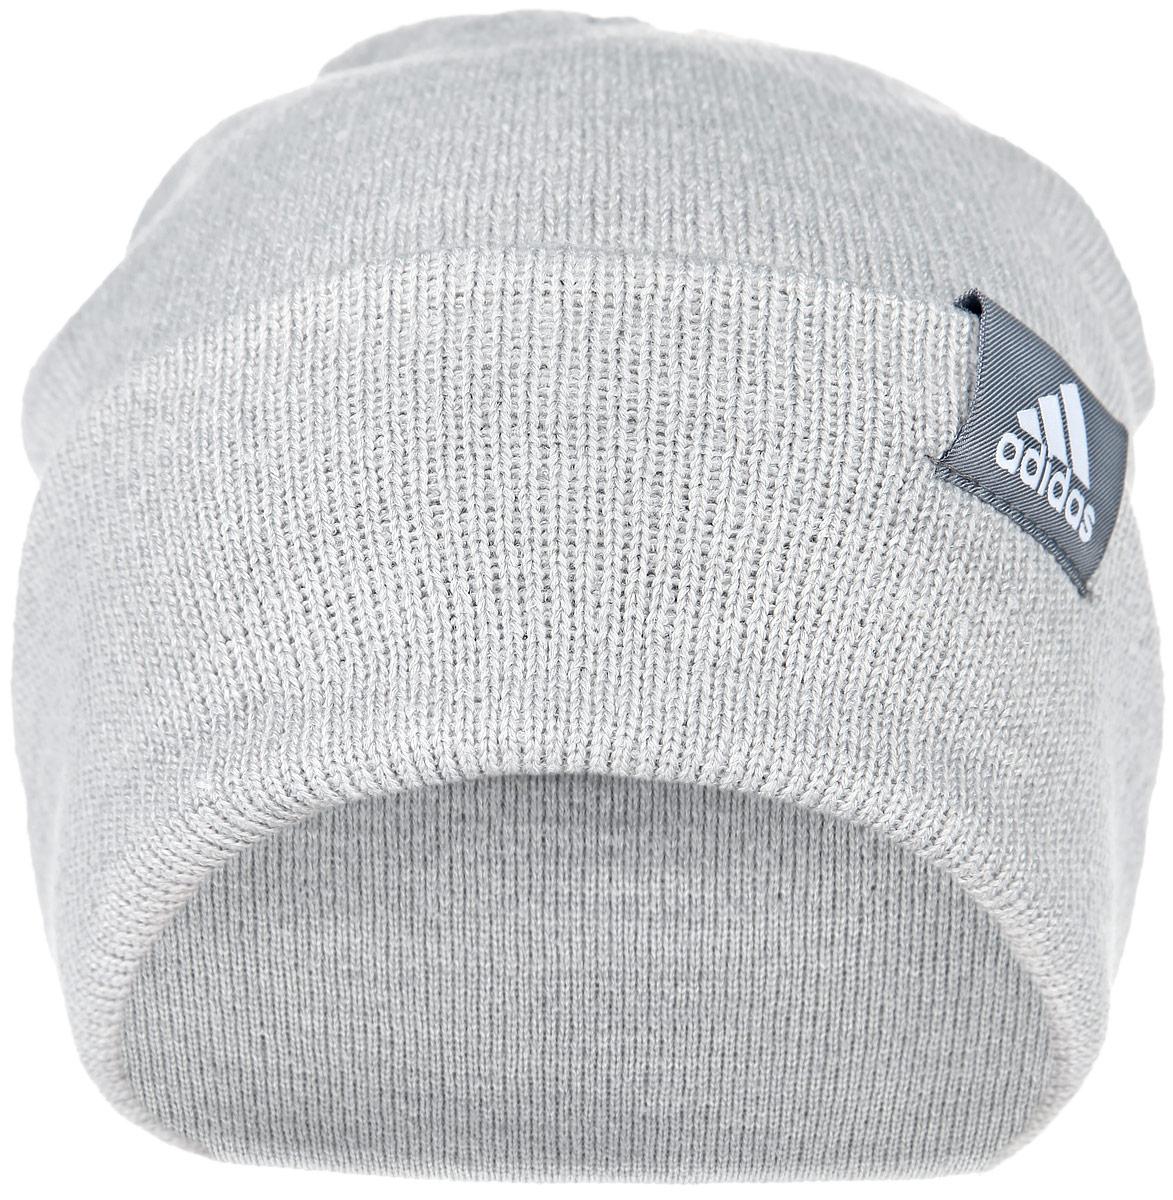 Шапка Adidas Performance, цвет: серый. AB0350. Размер 58AB0350Шапка Adidas Performance отлично подойдет для повседневной носки в прохладную погоду. Шапка выполнена из высококачественного акрила, что позволяет ей максимально сохранять тепло и обеспечивает идеальную посадку. Модель выполнена с отворотом.Такая шапка станет модным дополнением к вашему гардеробу. Она подарит вам ощущение тепла и комфорта. Уважаемые клиенты!Размер, доступный для заказа, является обхватом головы.